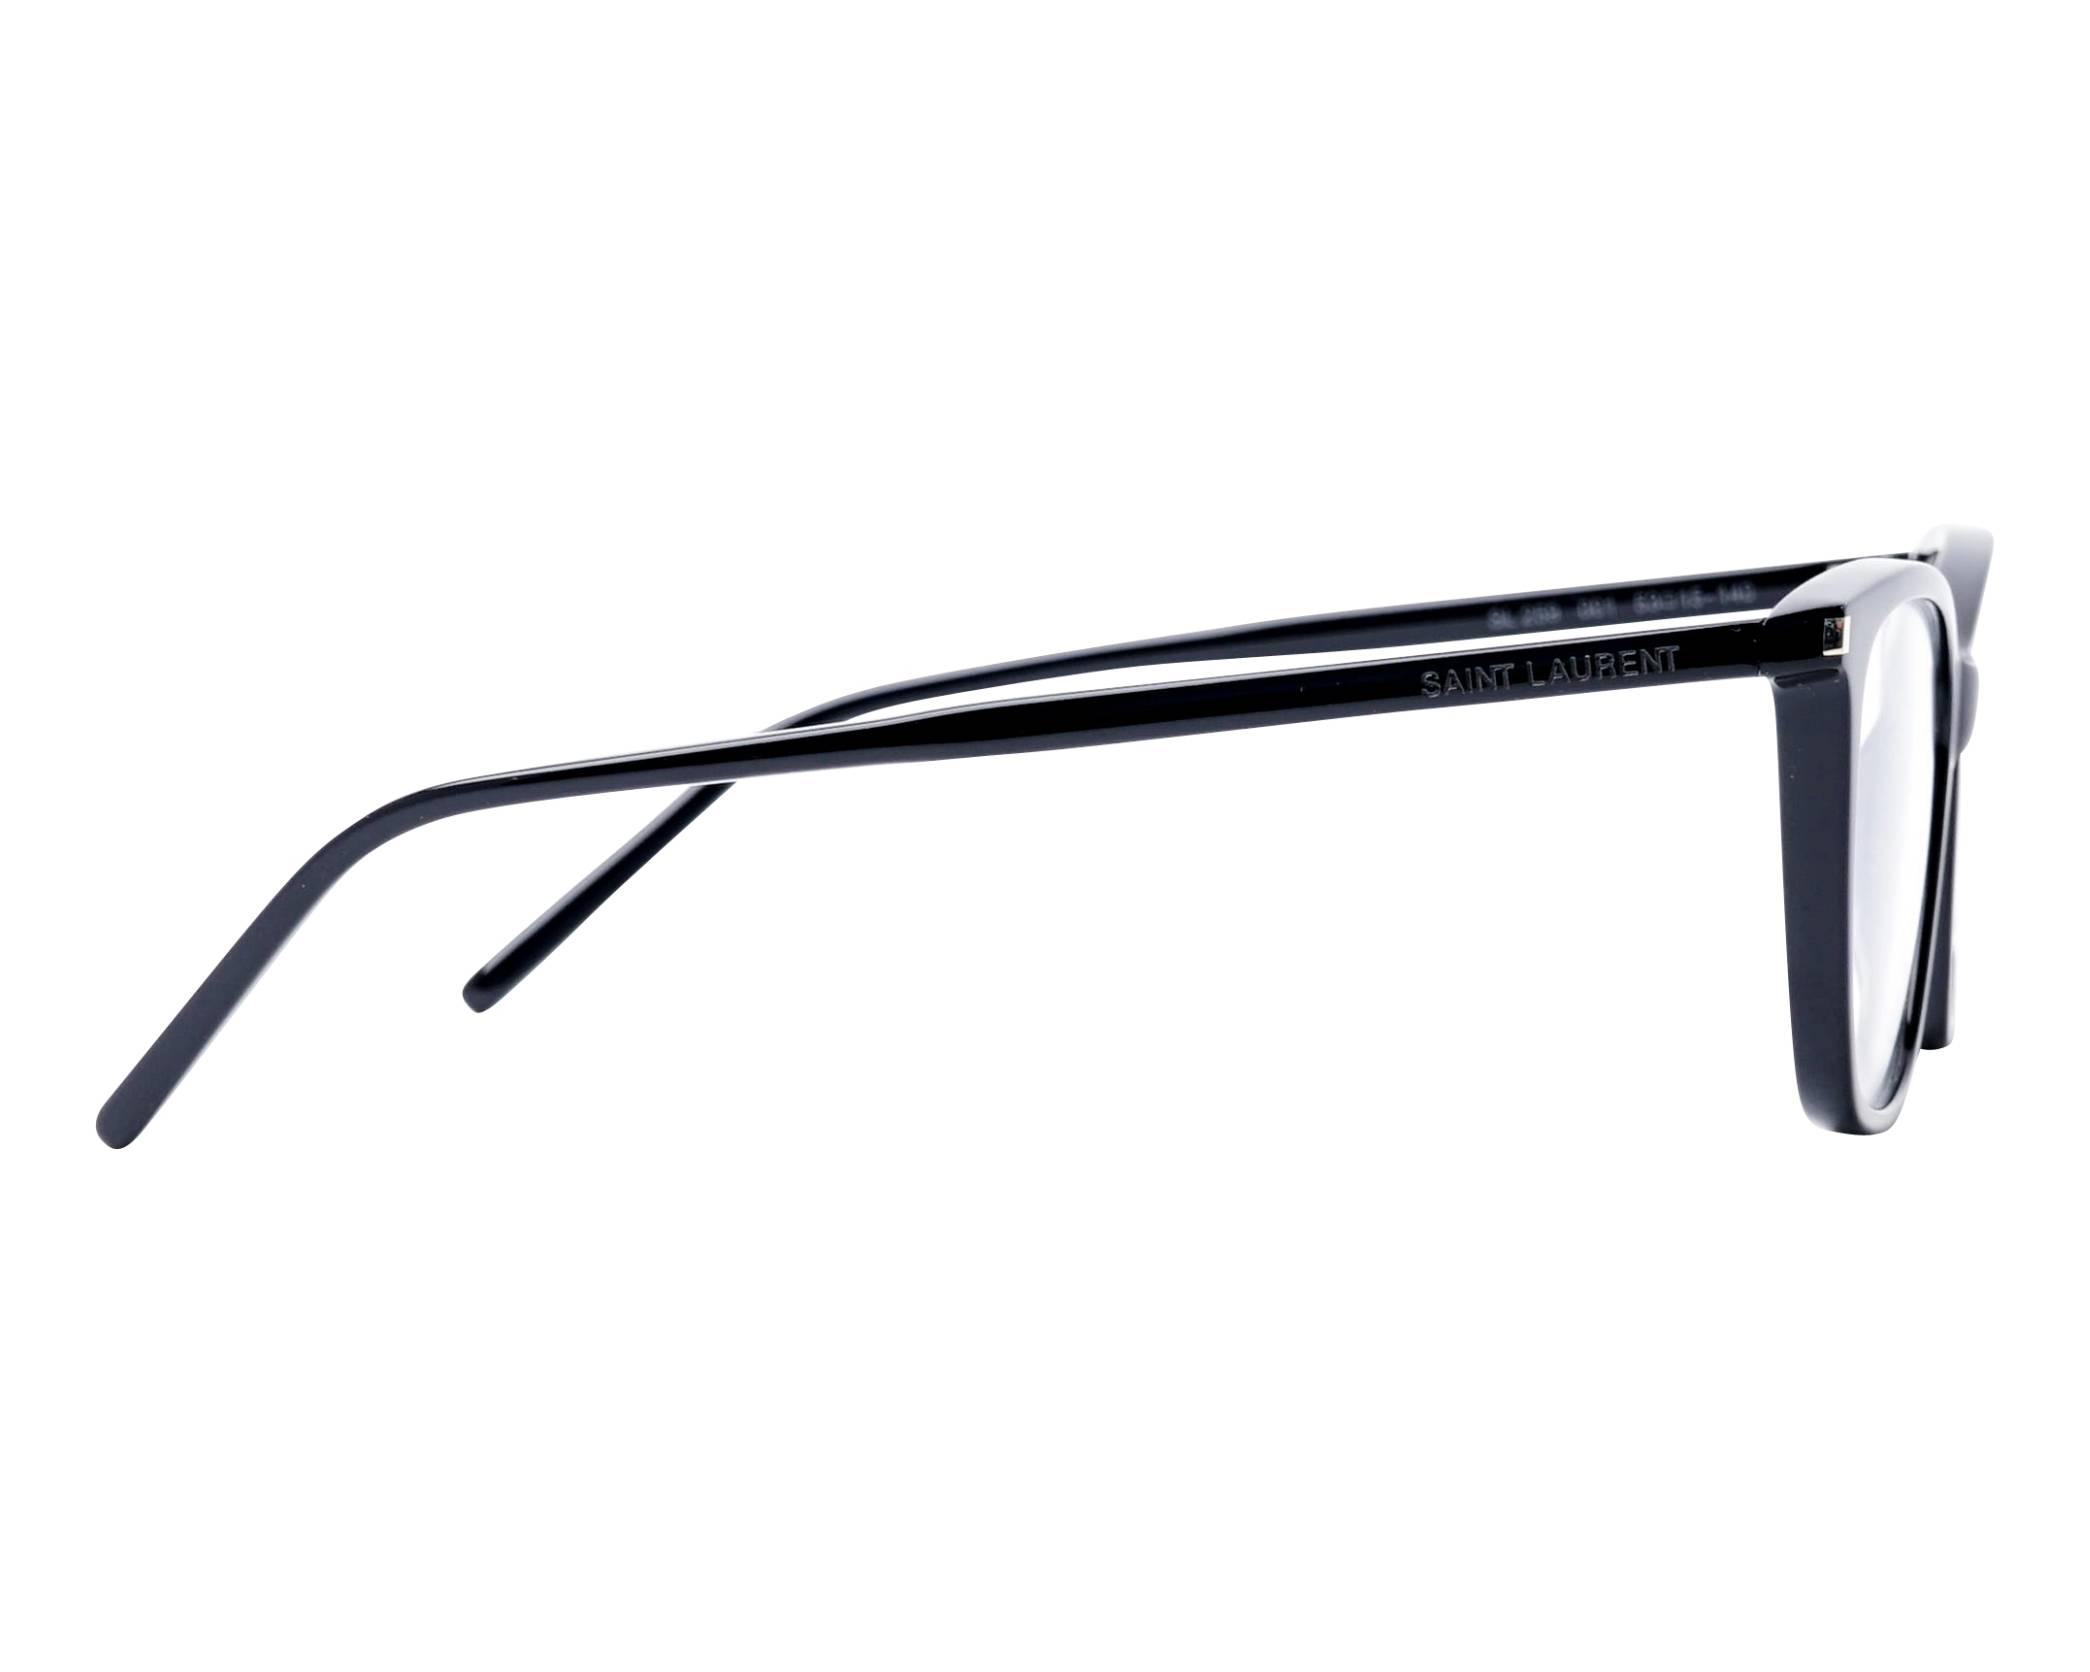 Yves Saint Laurent frame SL-259 001